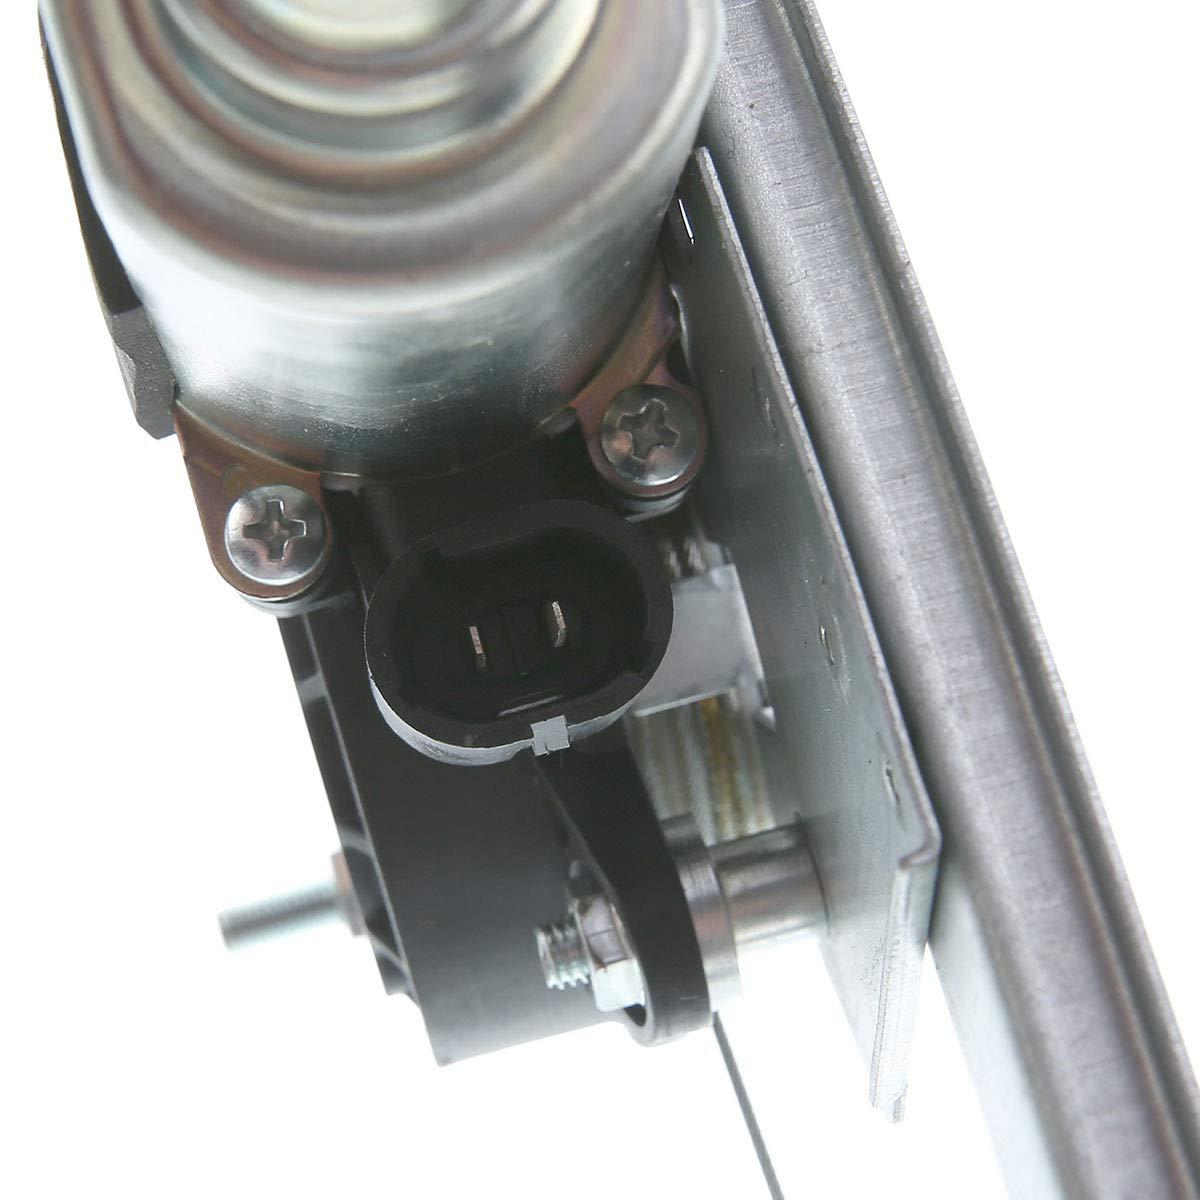 Frankberg 7700311821 Elevalunas con Motor Delantero Derecho para Primastar Vivaro Trafic II X83 J7 E7 F7 JL EL FL 2001-2014